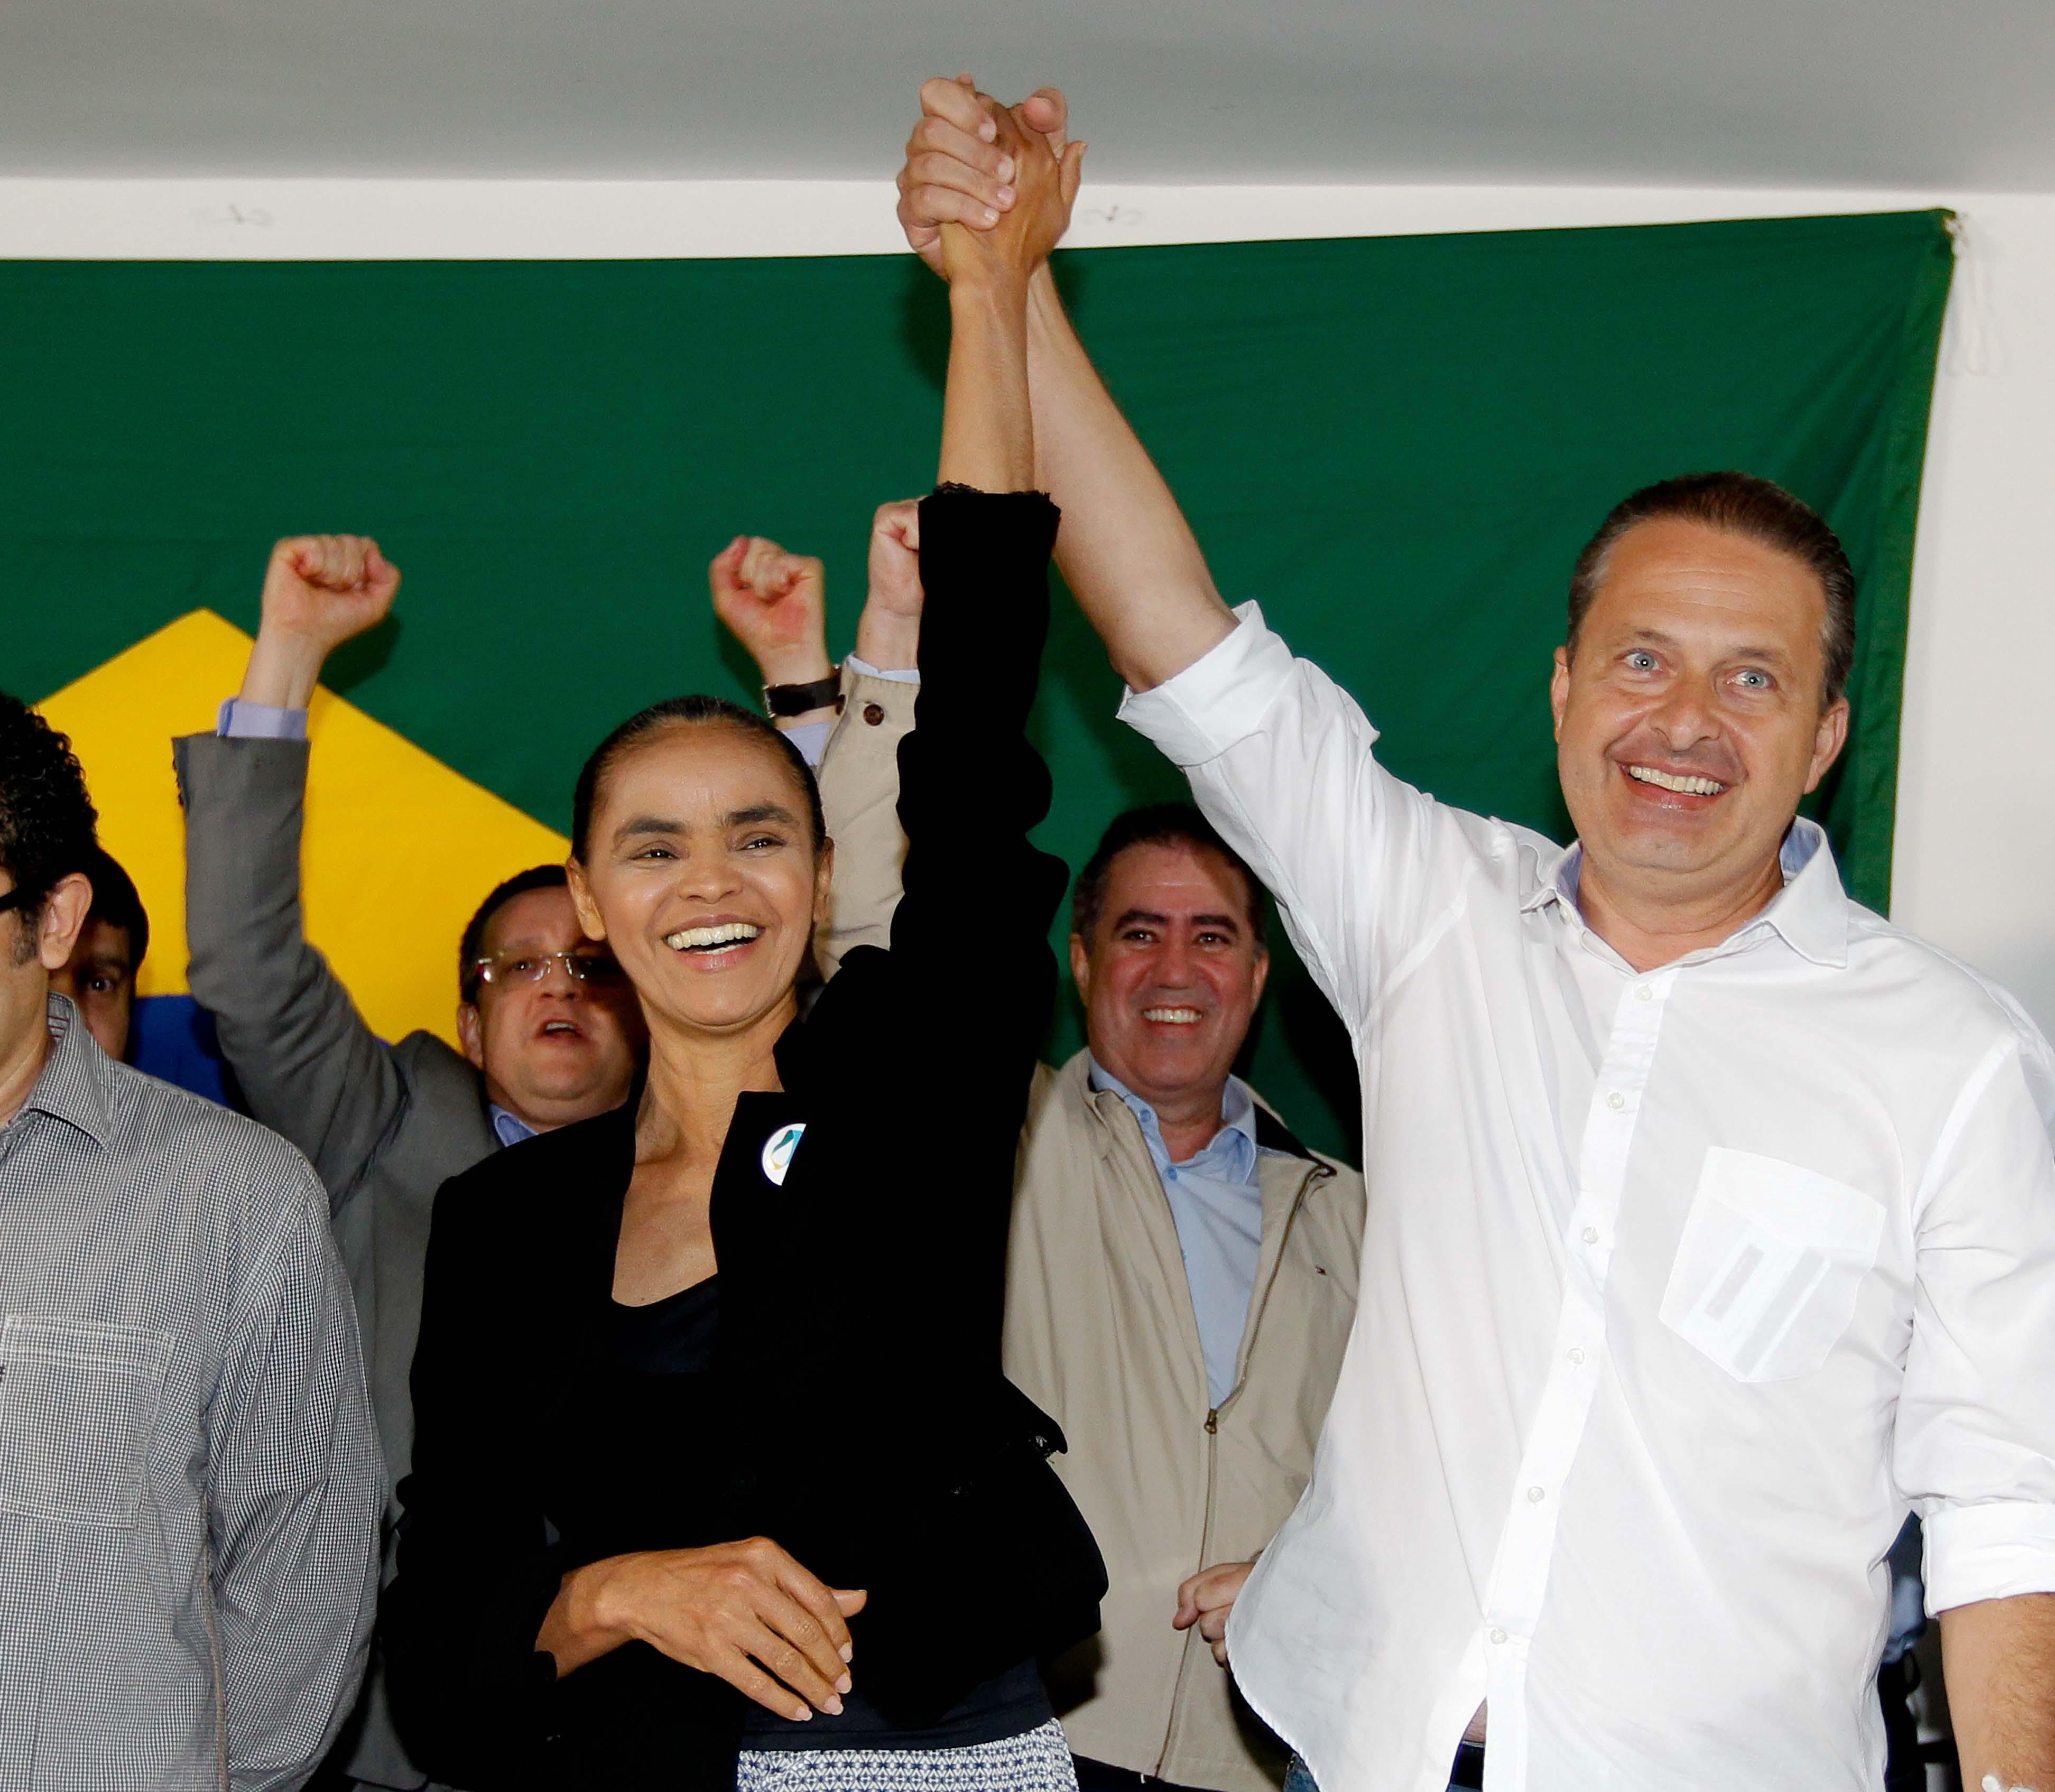 Marina e Campos estarão juntos neste sábado no Rio, mas não farão anúncio de chapa (Foto Alan Marques/Folhapress)